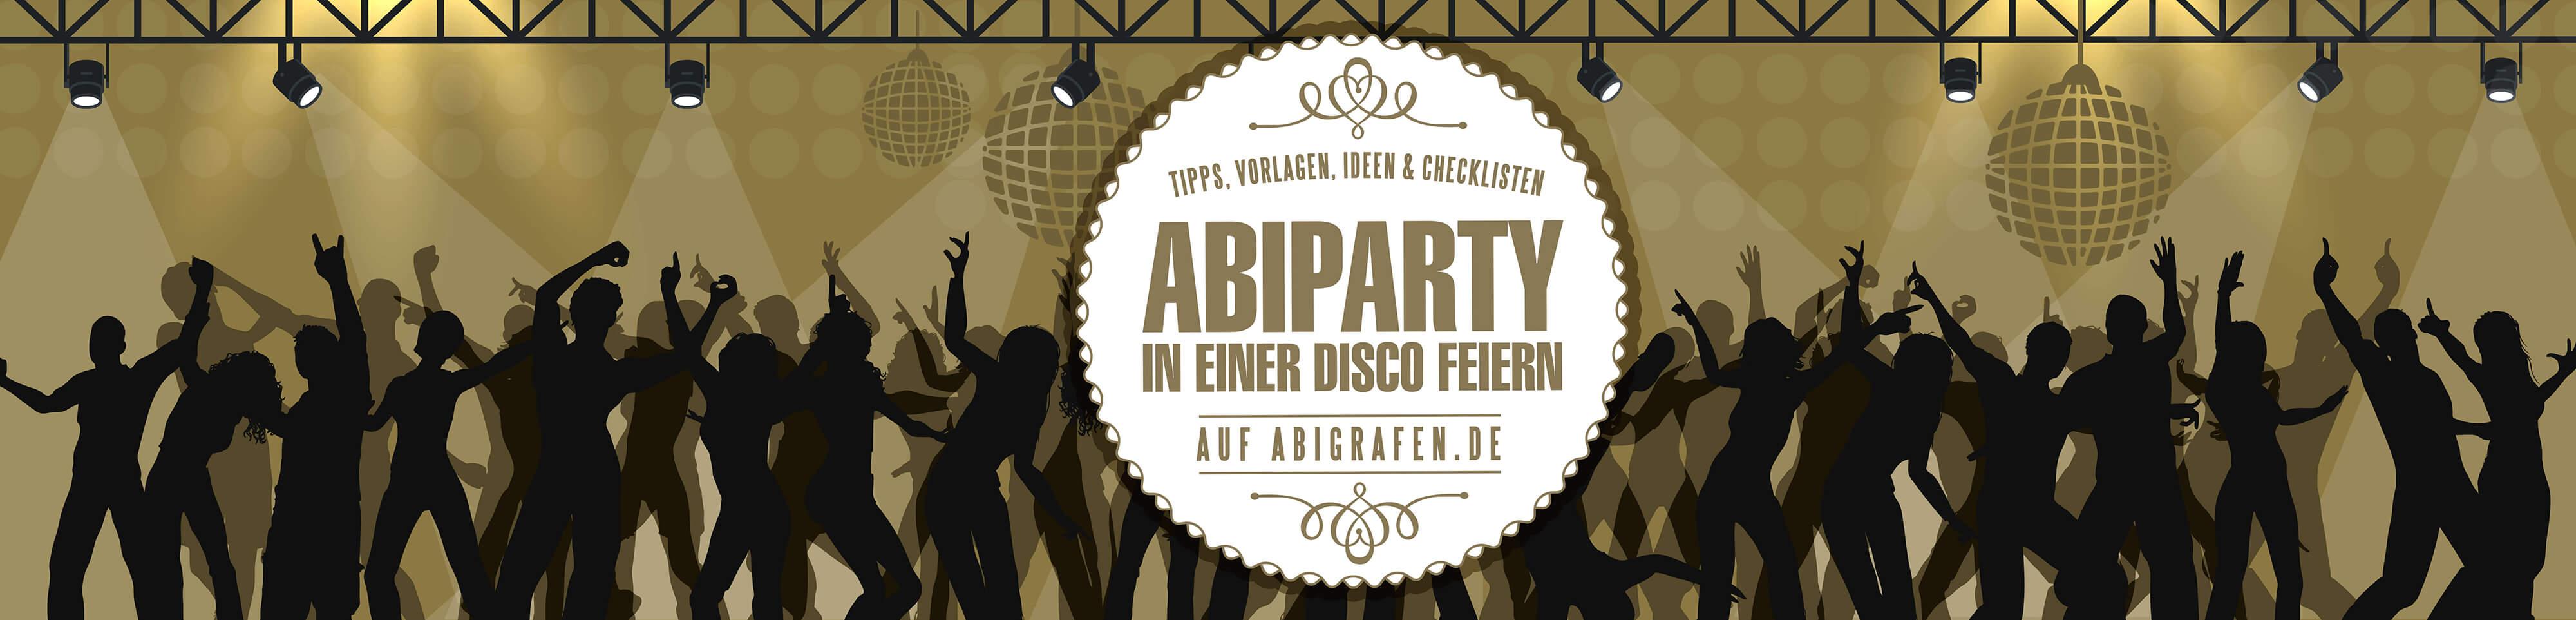 Tipps, Anleitungen & Downloads für das Vofi-Team: Abiparty in der Discothek vorbereiten & planen